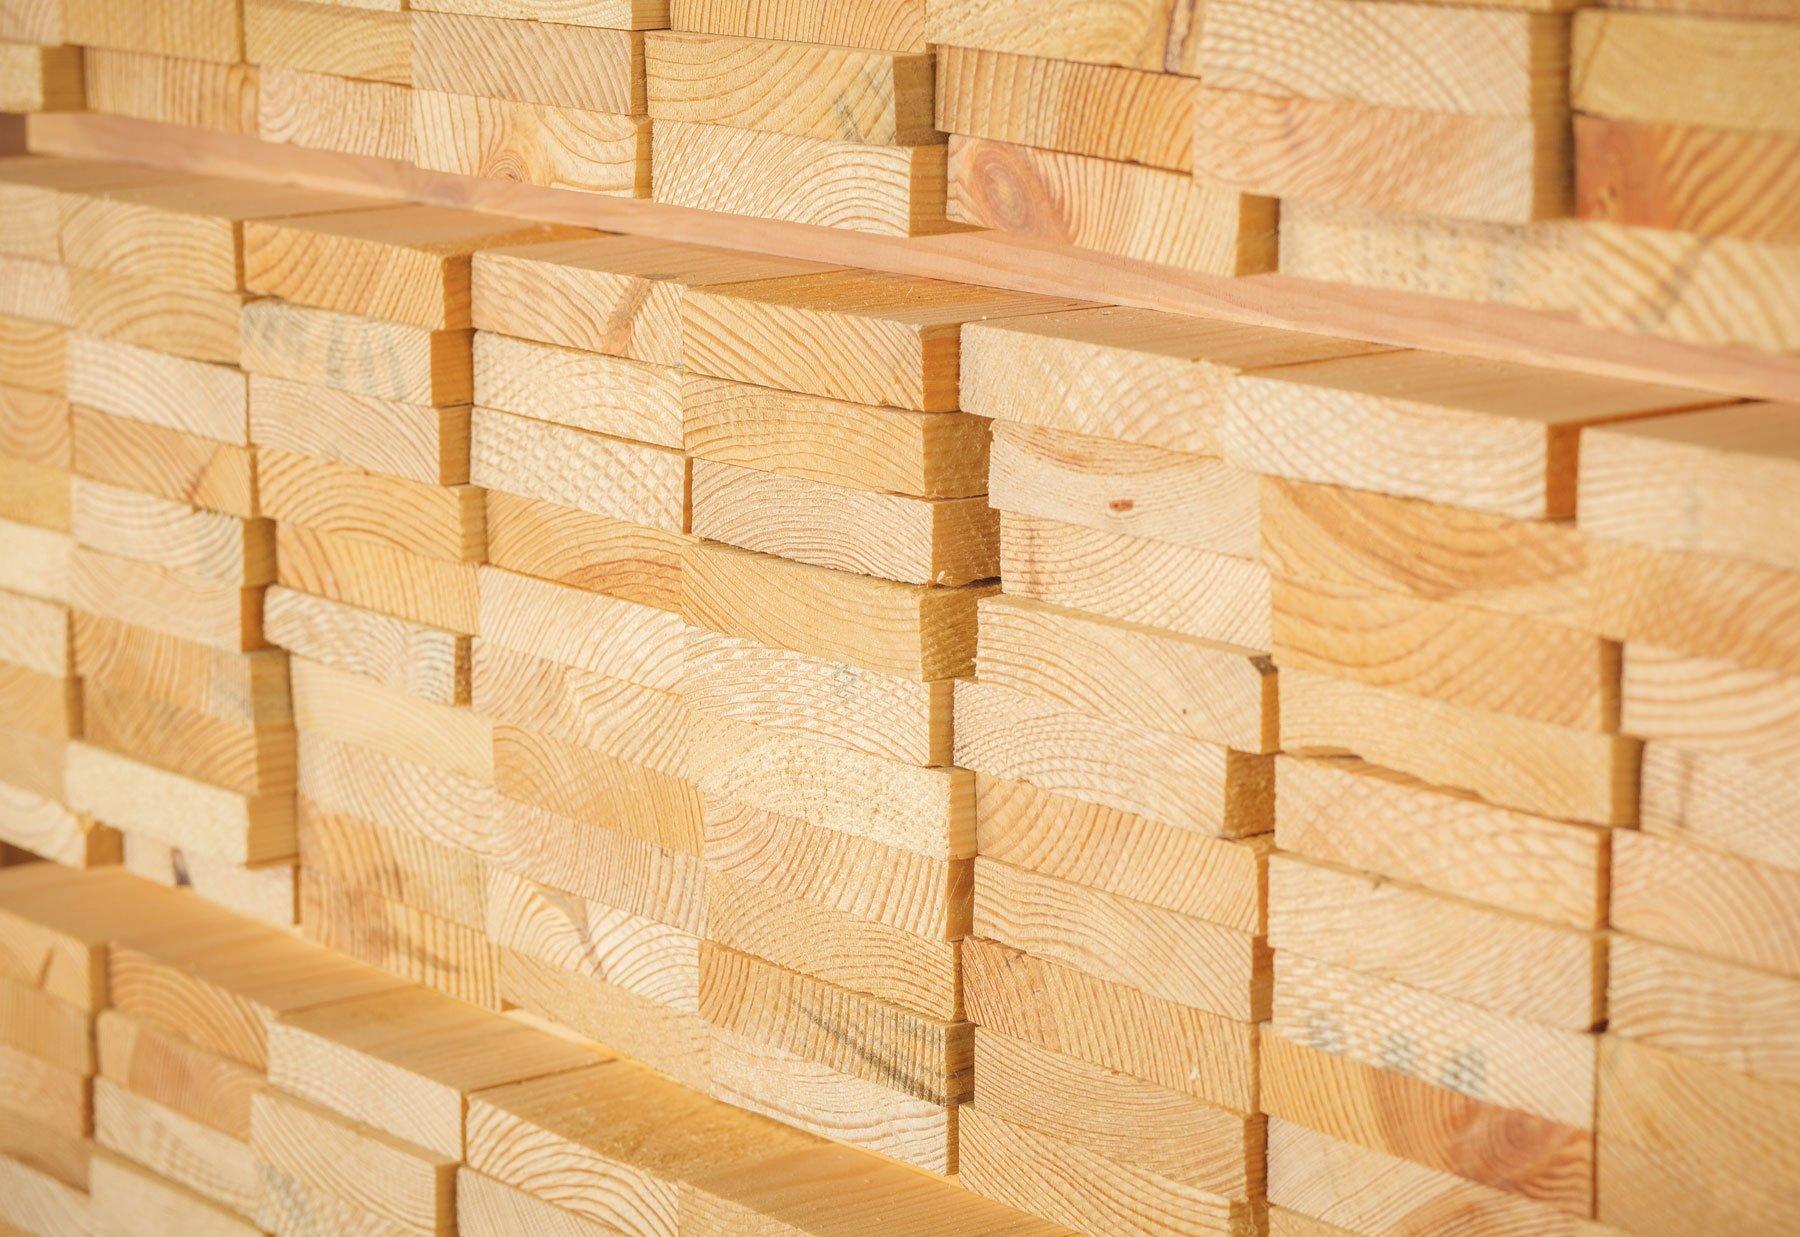 Vendita legname a Torre di Ruggiero